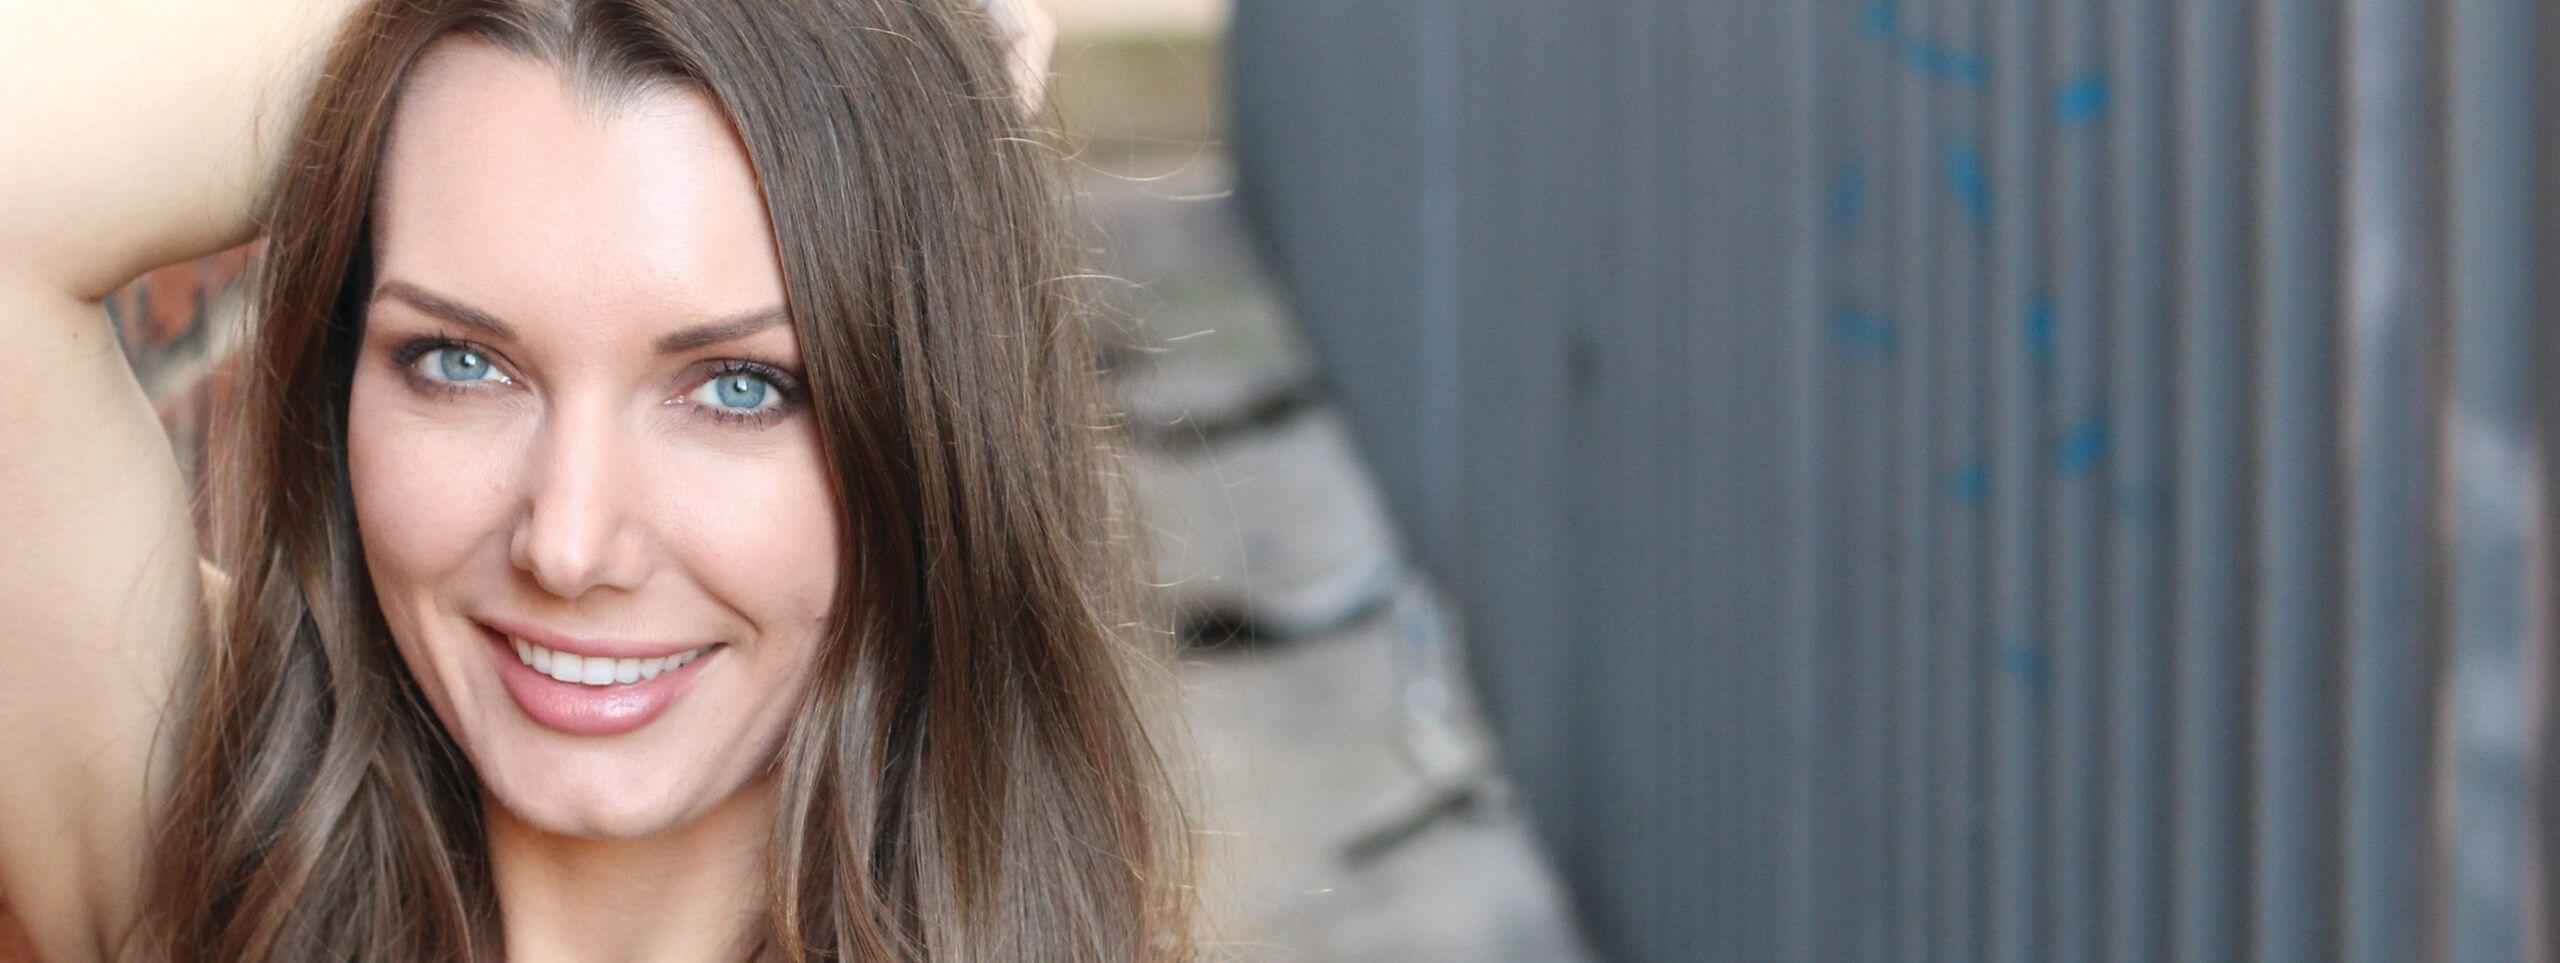 Heidi Klum with layered hairstyle